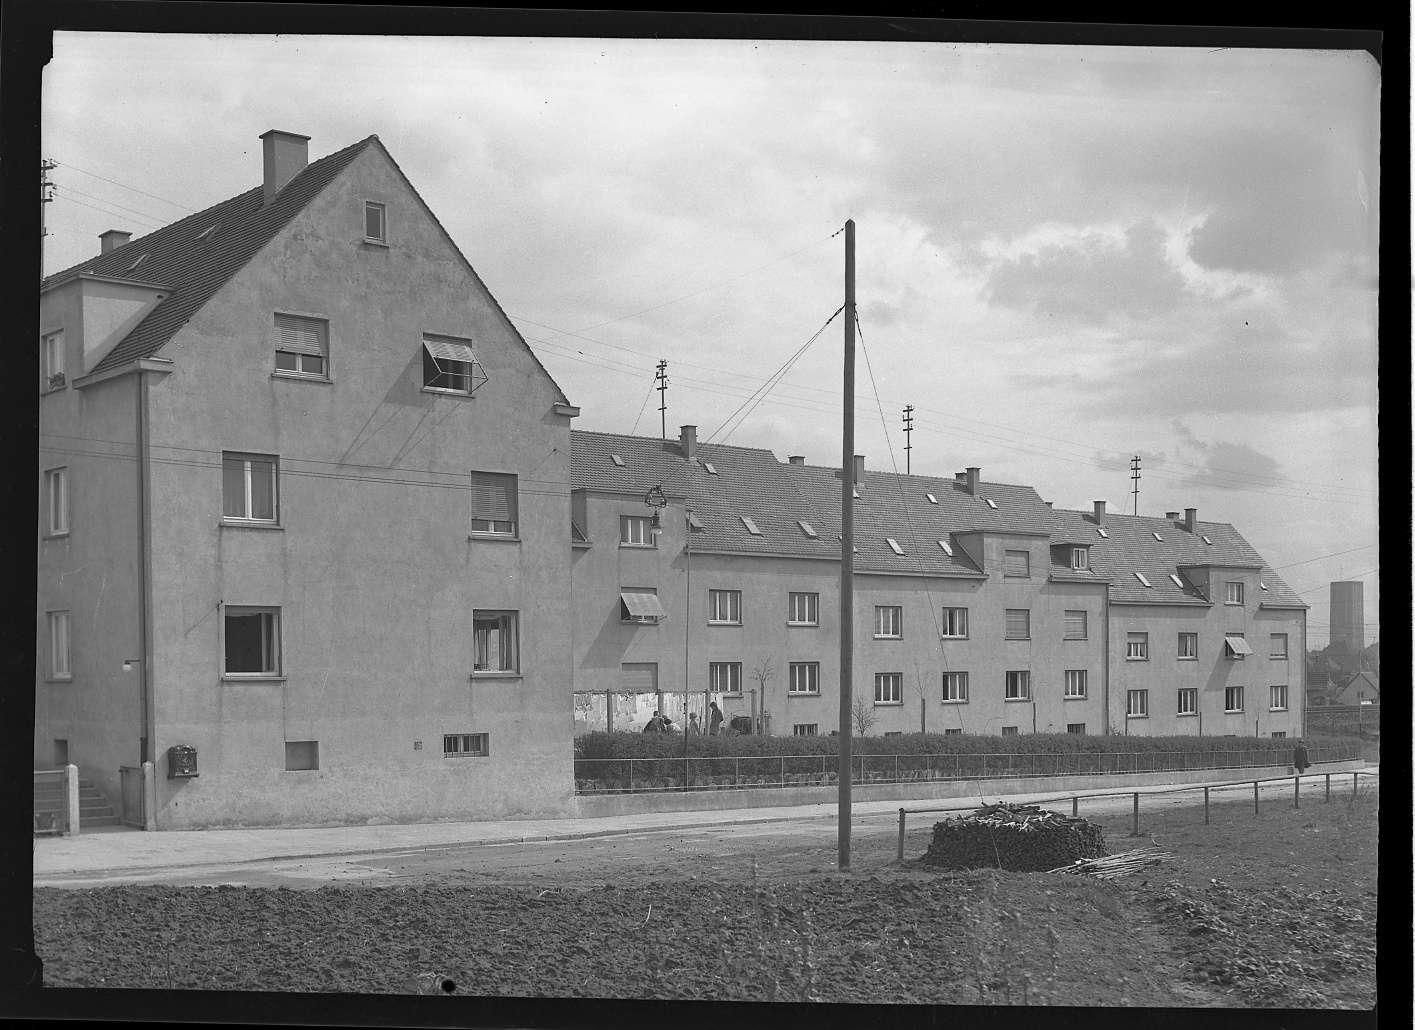 Kornwestheim, Wohnsiedlung für Bahnbedienstete, Abb. a